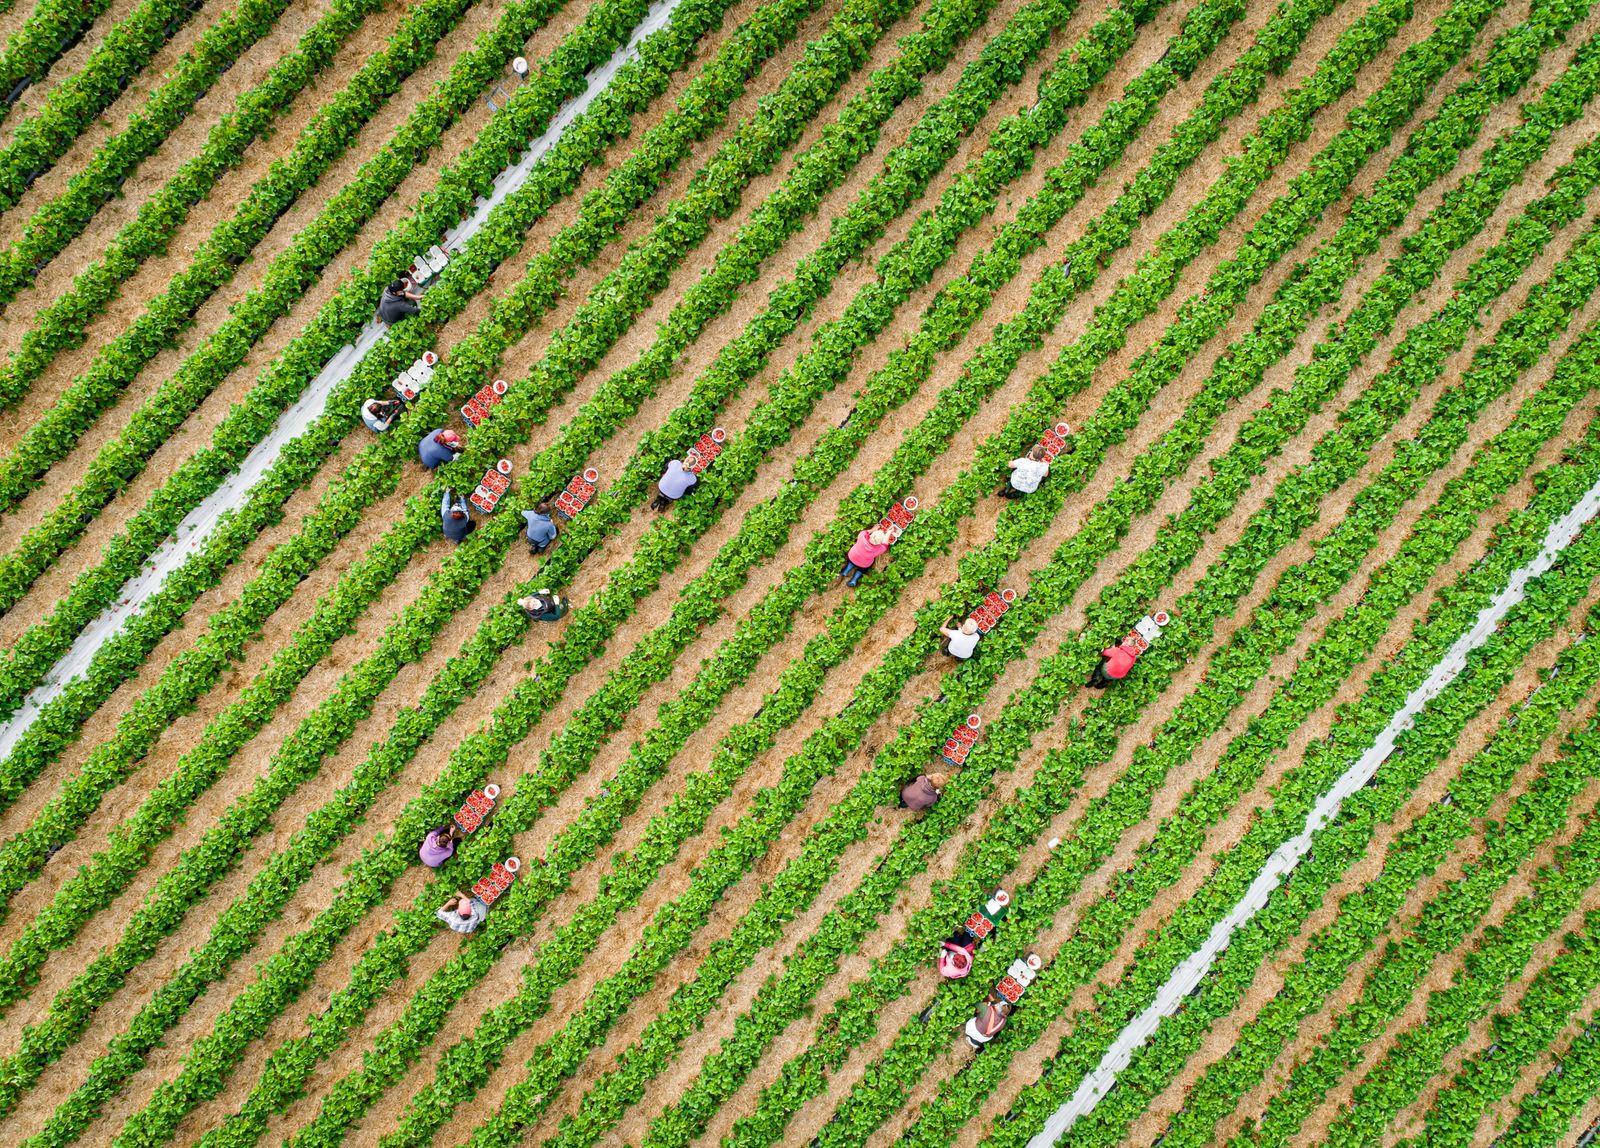 Erdbeersaison - Luftaufnahme von Erntehelfern bei der Erdbeerenernte. Enpässe bei der Ernte von Sonderkulturen. Polnisch